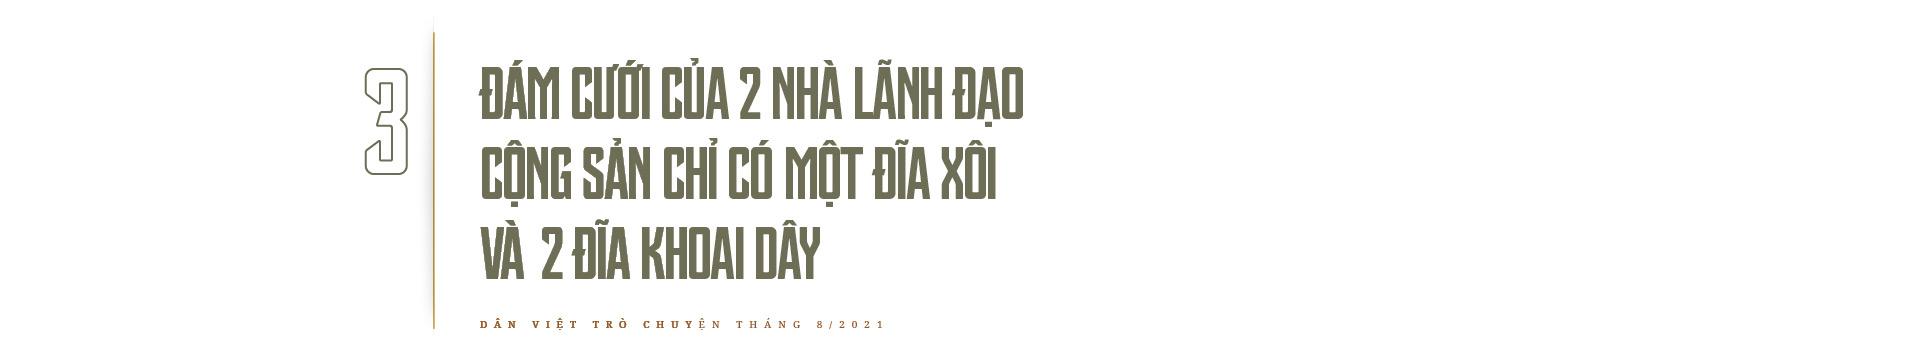 Nhà cách mạng Trần Tử Bình qua lời kể của võ sư Trần Việt Trung: Một cuộc đời như huyền thoại - Ảnh 8.